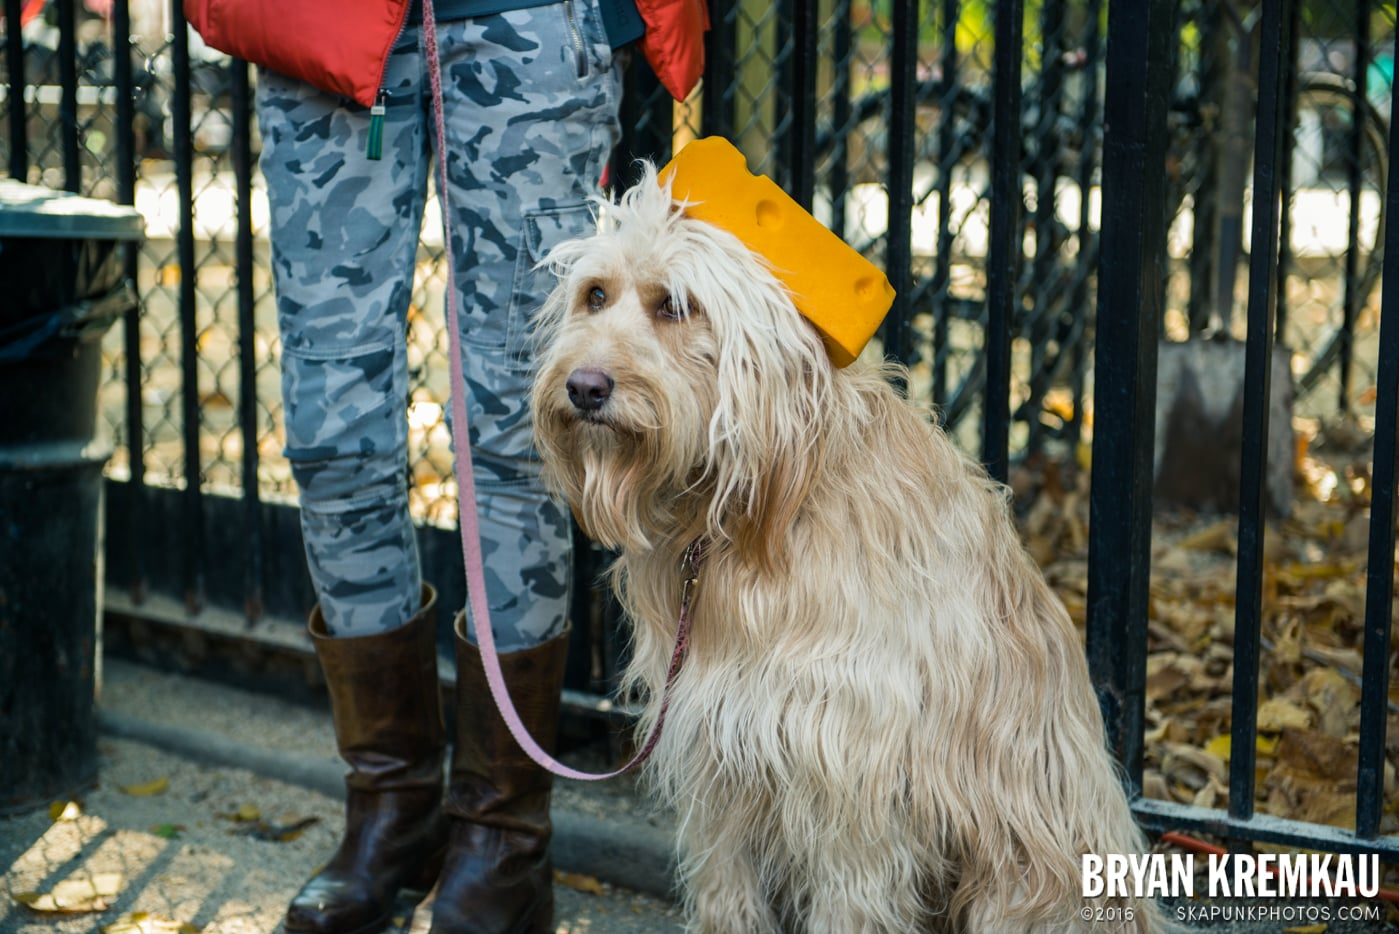 Tompkins Square Halloween Dog Parade 2013 @ Tompkins Square Park, NYC - 10.26.13 (60)